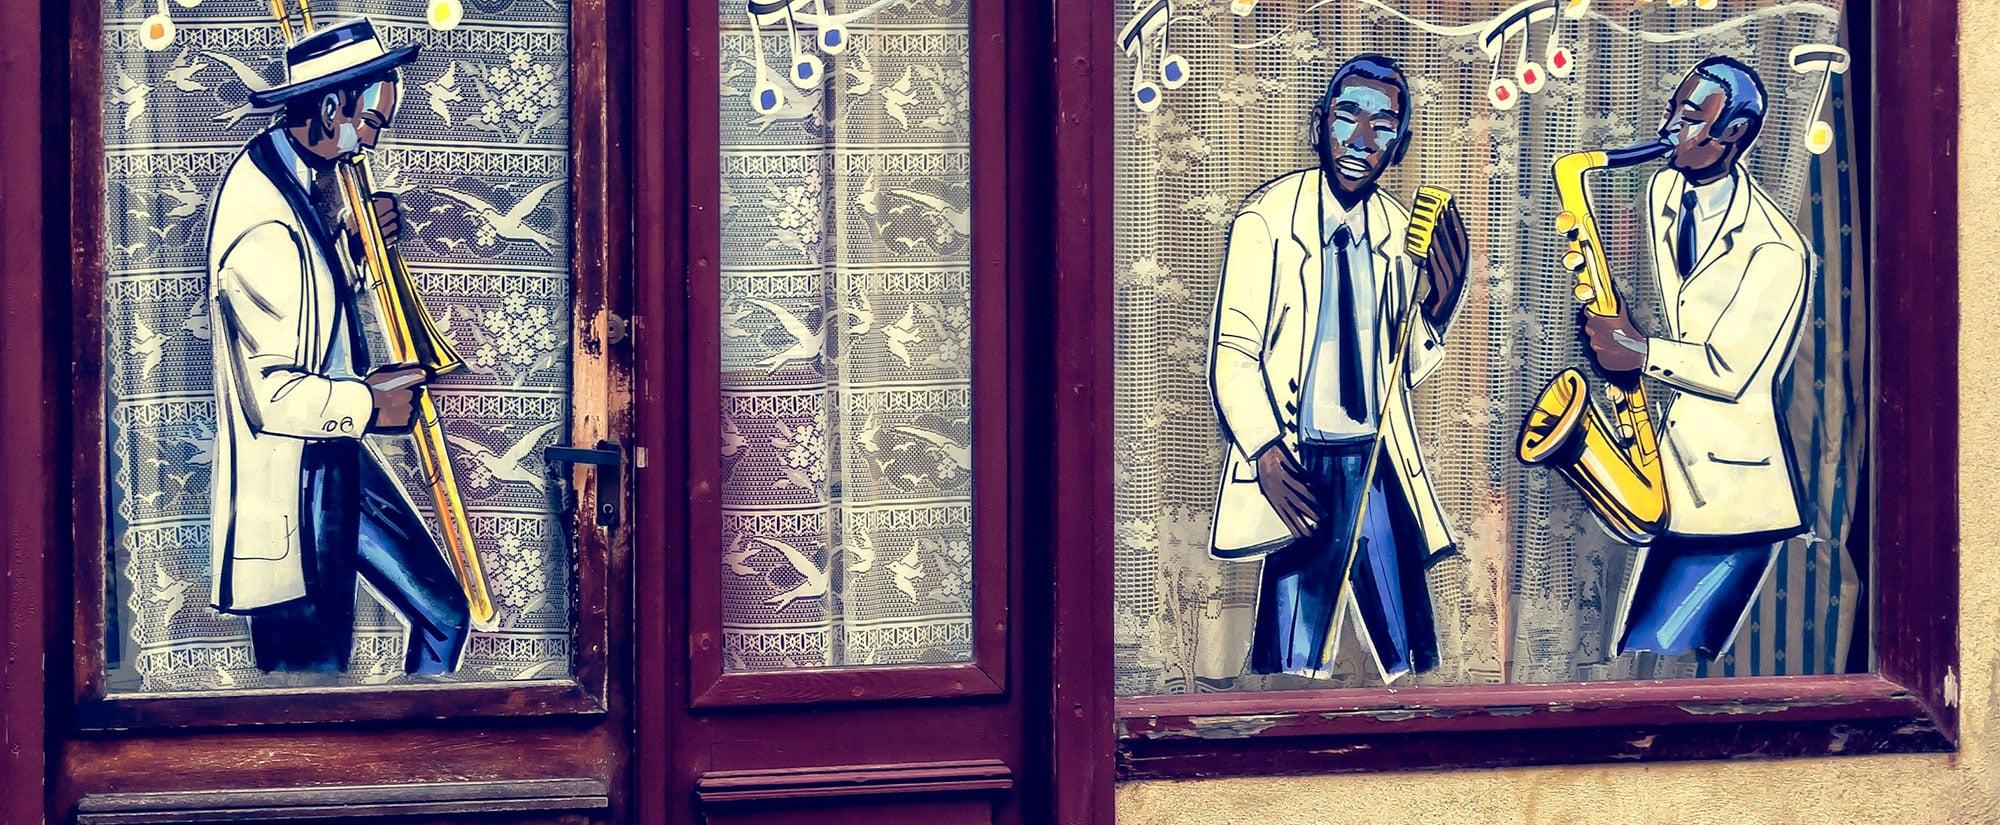 Darstellung einer gezeichneten Jazz-Band, aufgebracht auf die Fensterscheibe eines Pubs.